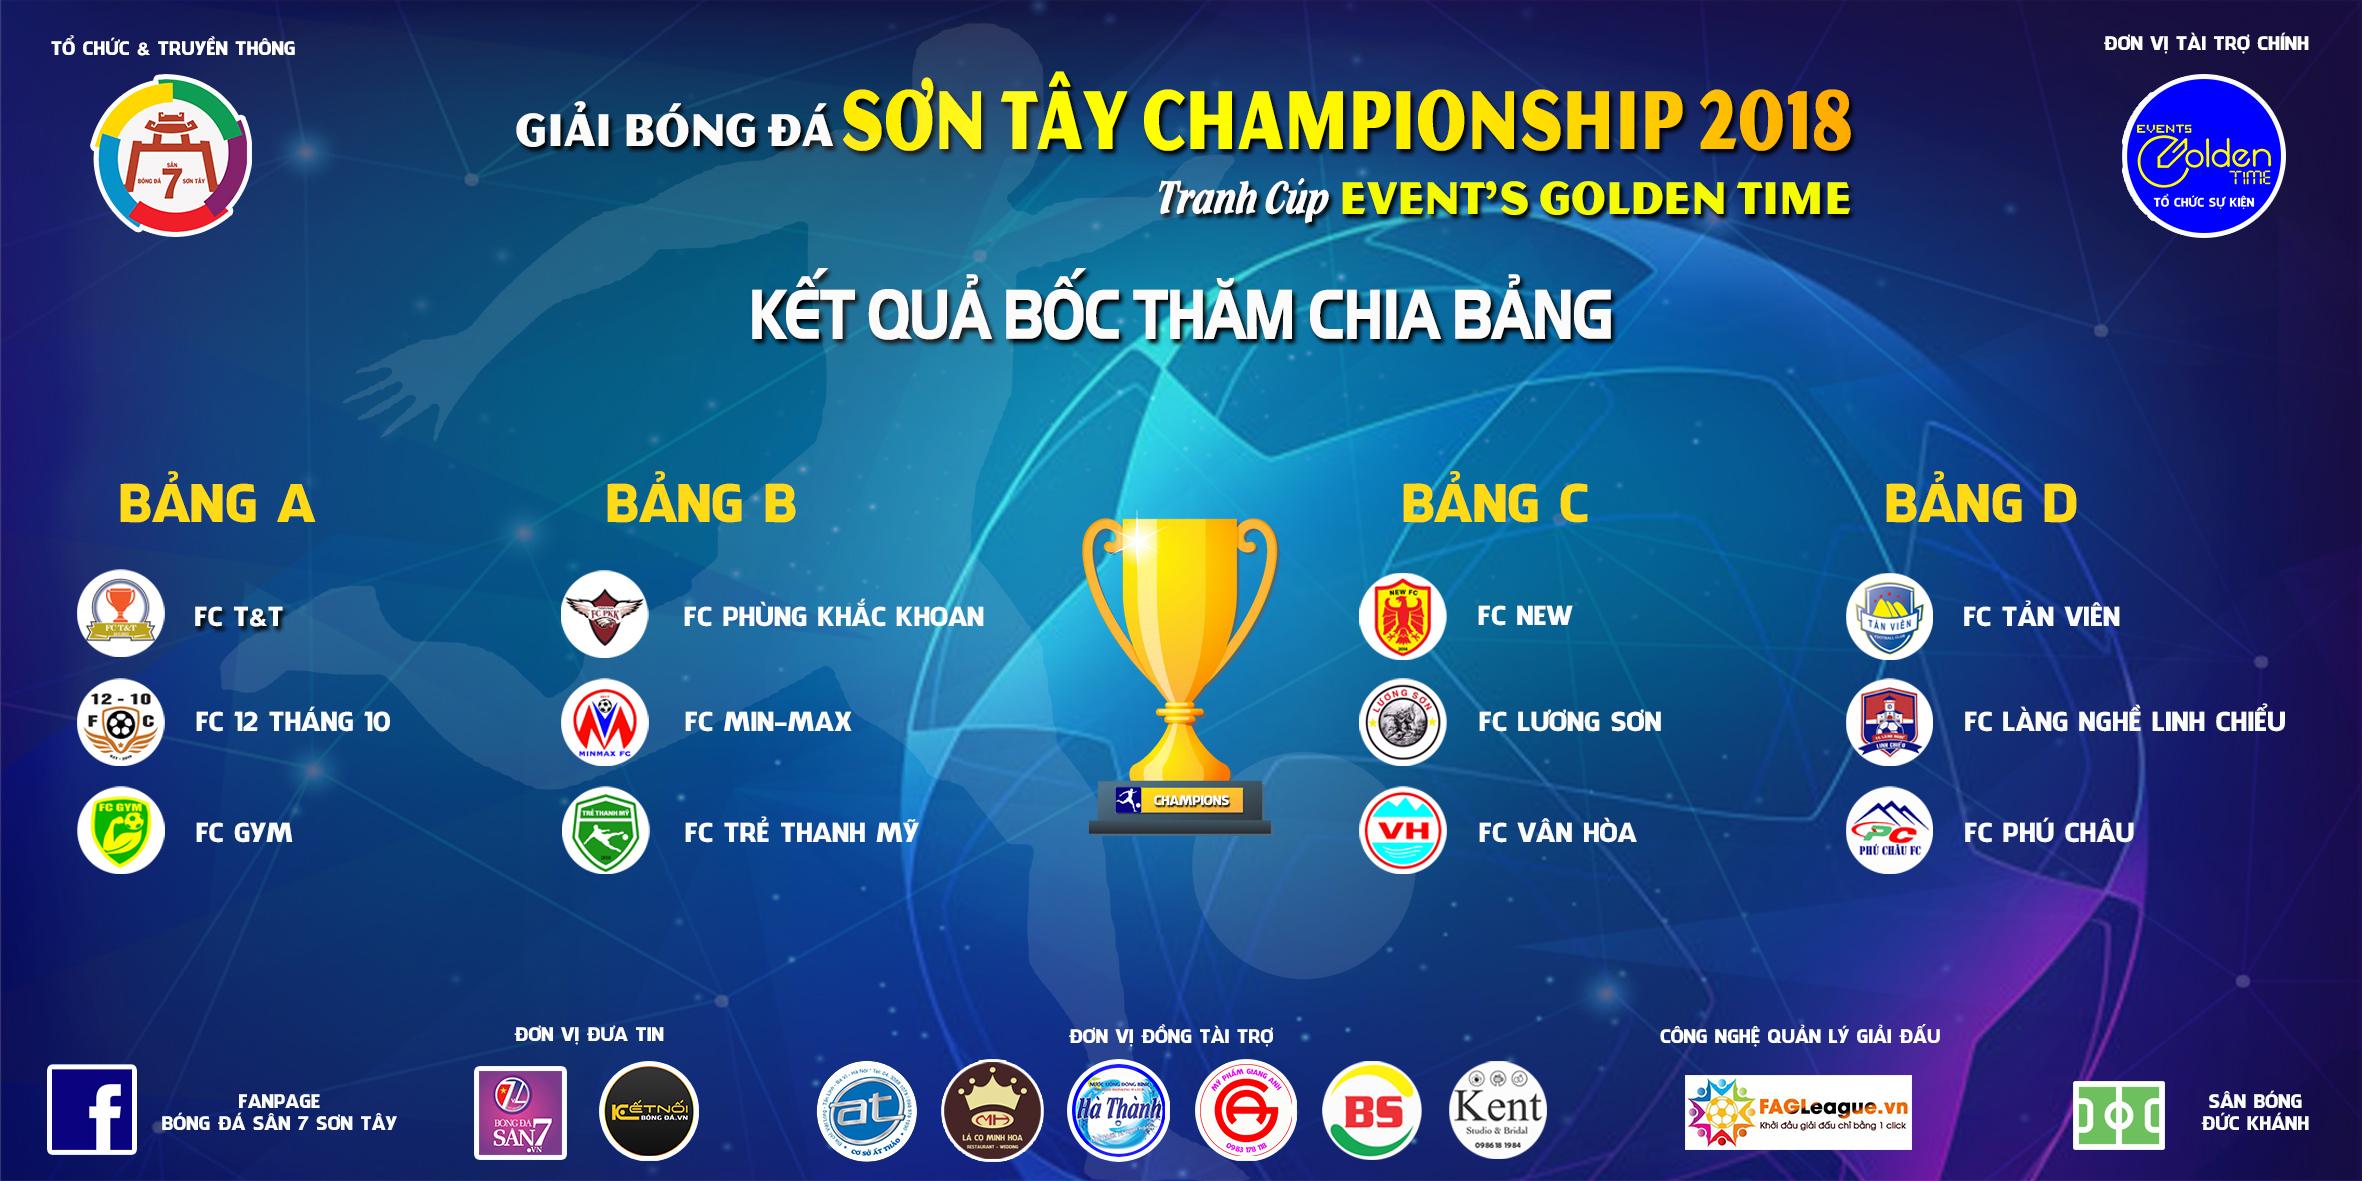 Kết quả họp báo và bốc thăm giải bóng đá SONTAY CHAMPIONSHIP 2018